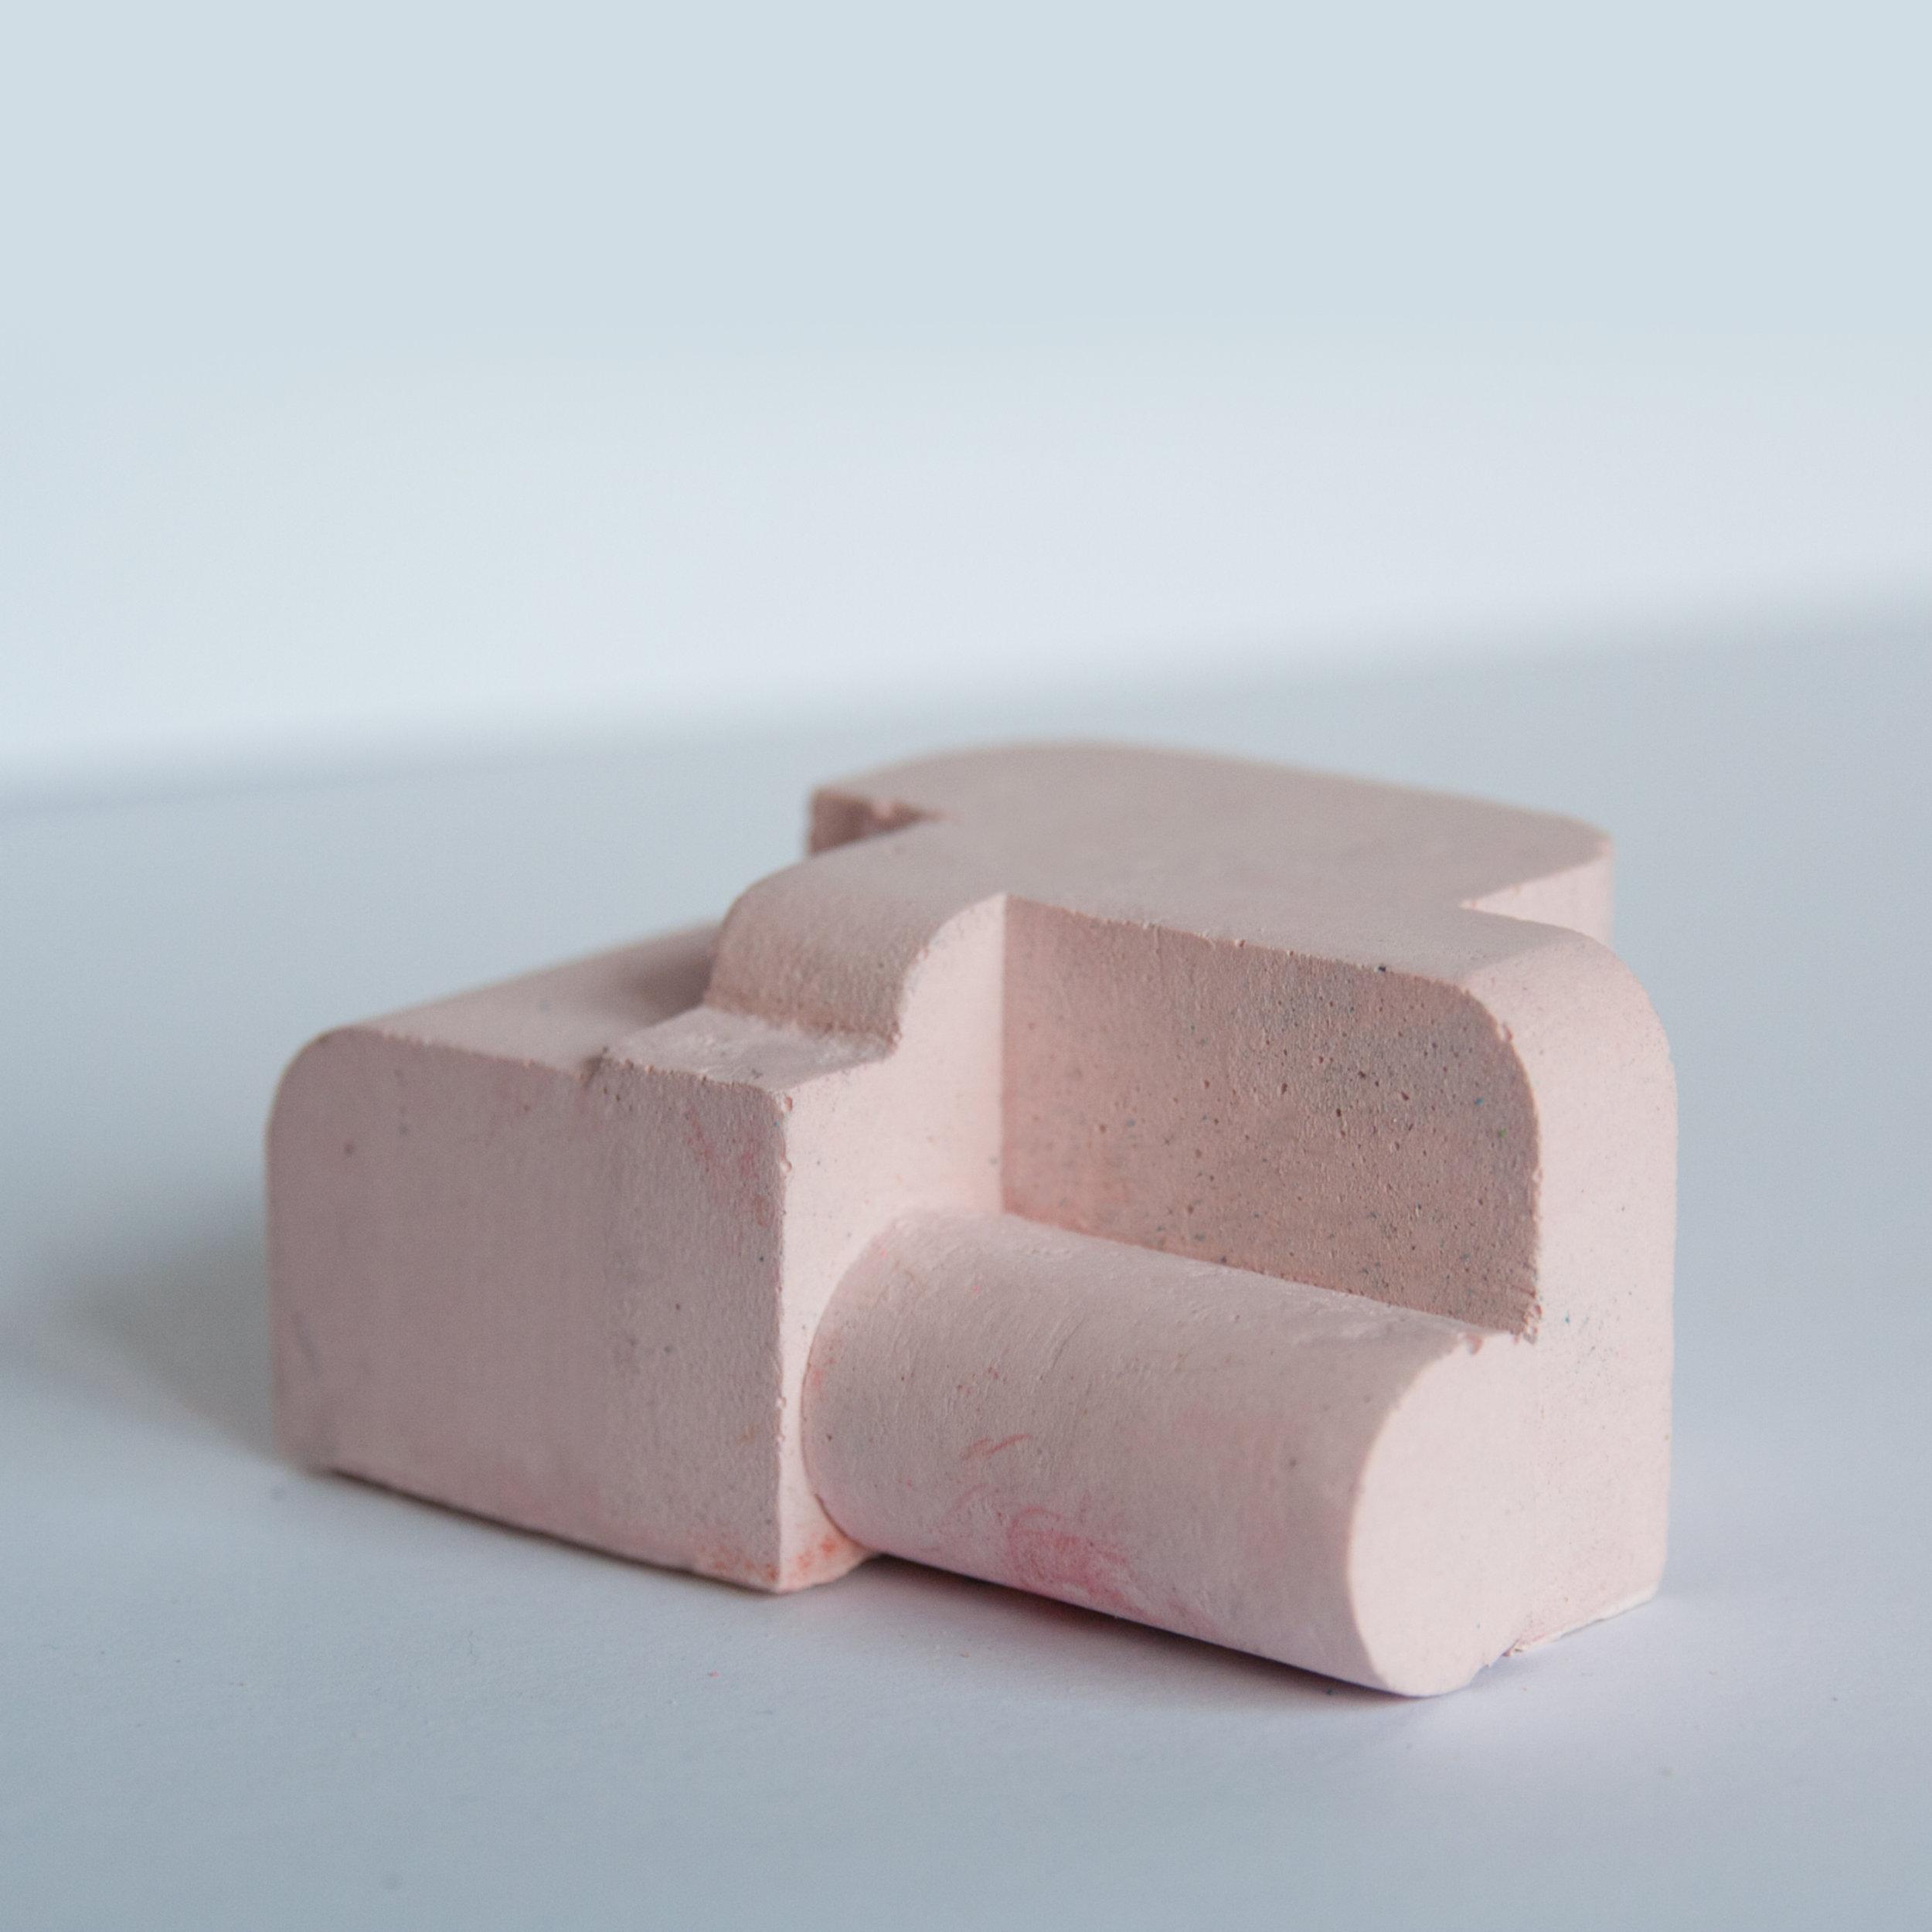 Pigmented plaster